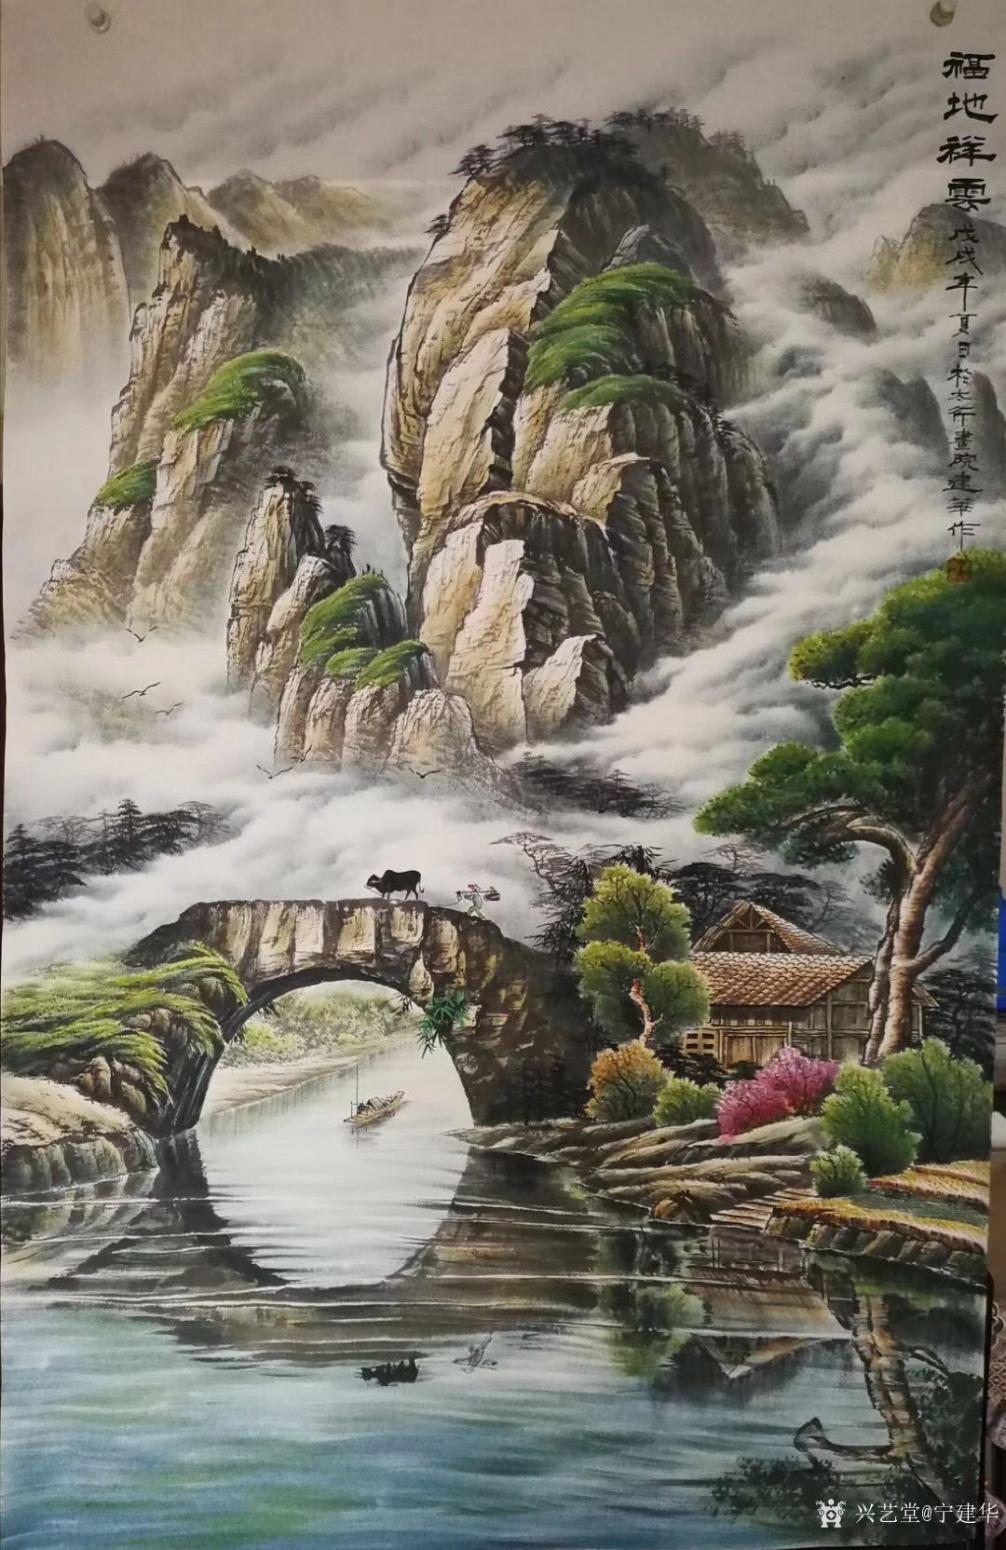 宁建华国画作品《祥云福地》